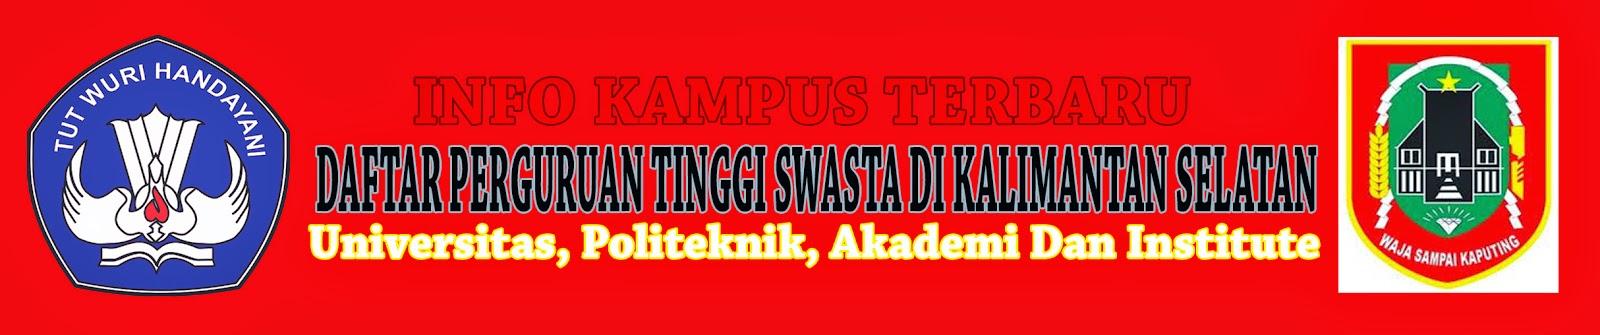 Daftar Perguruan Tinggi Swasta Di Kalimantan Tengah